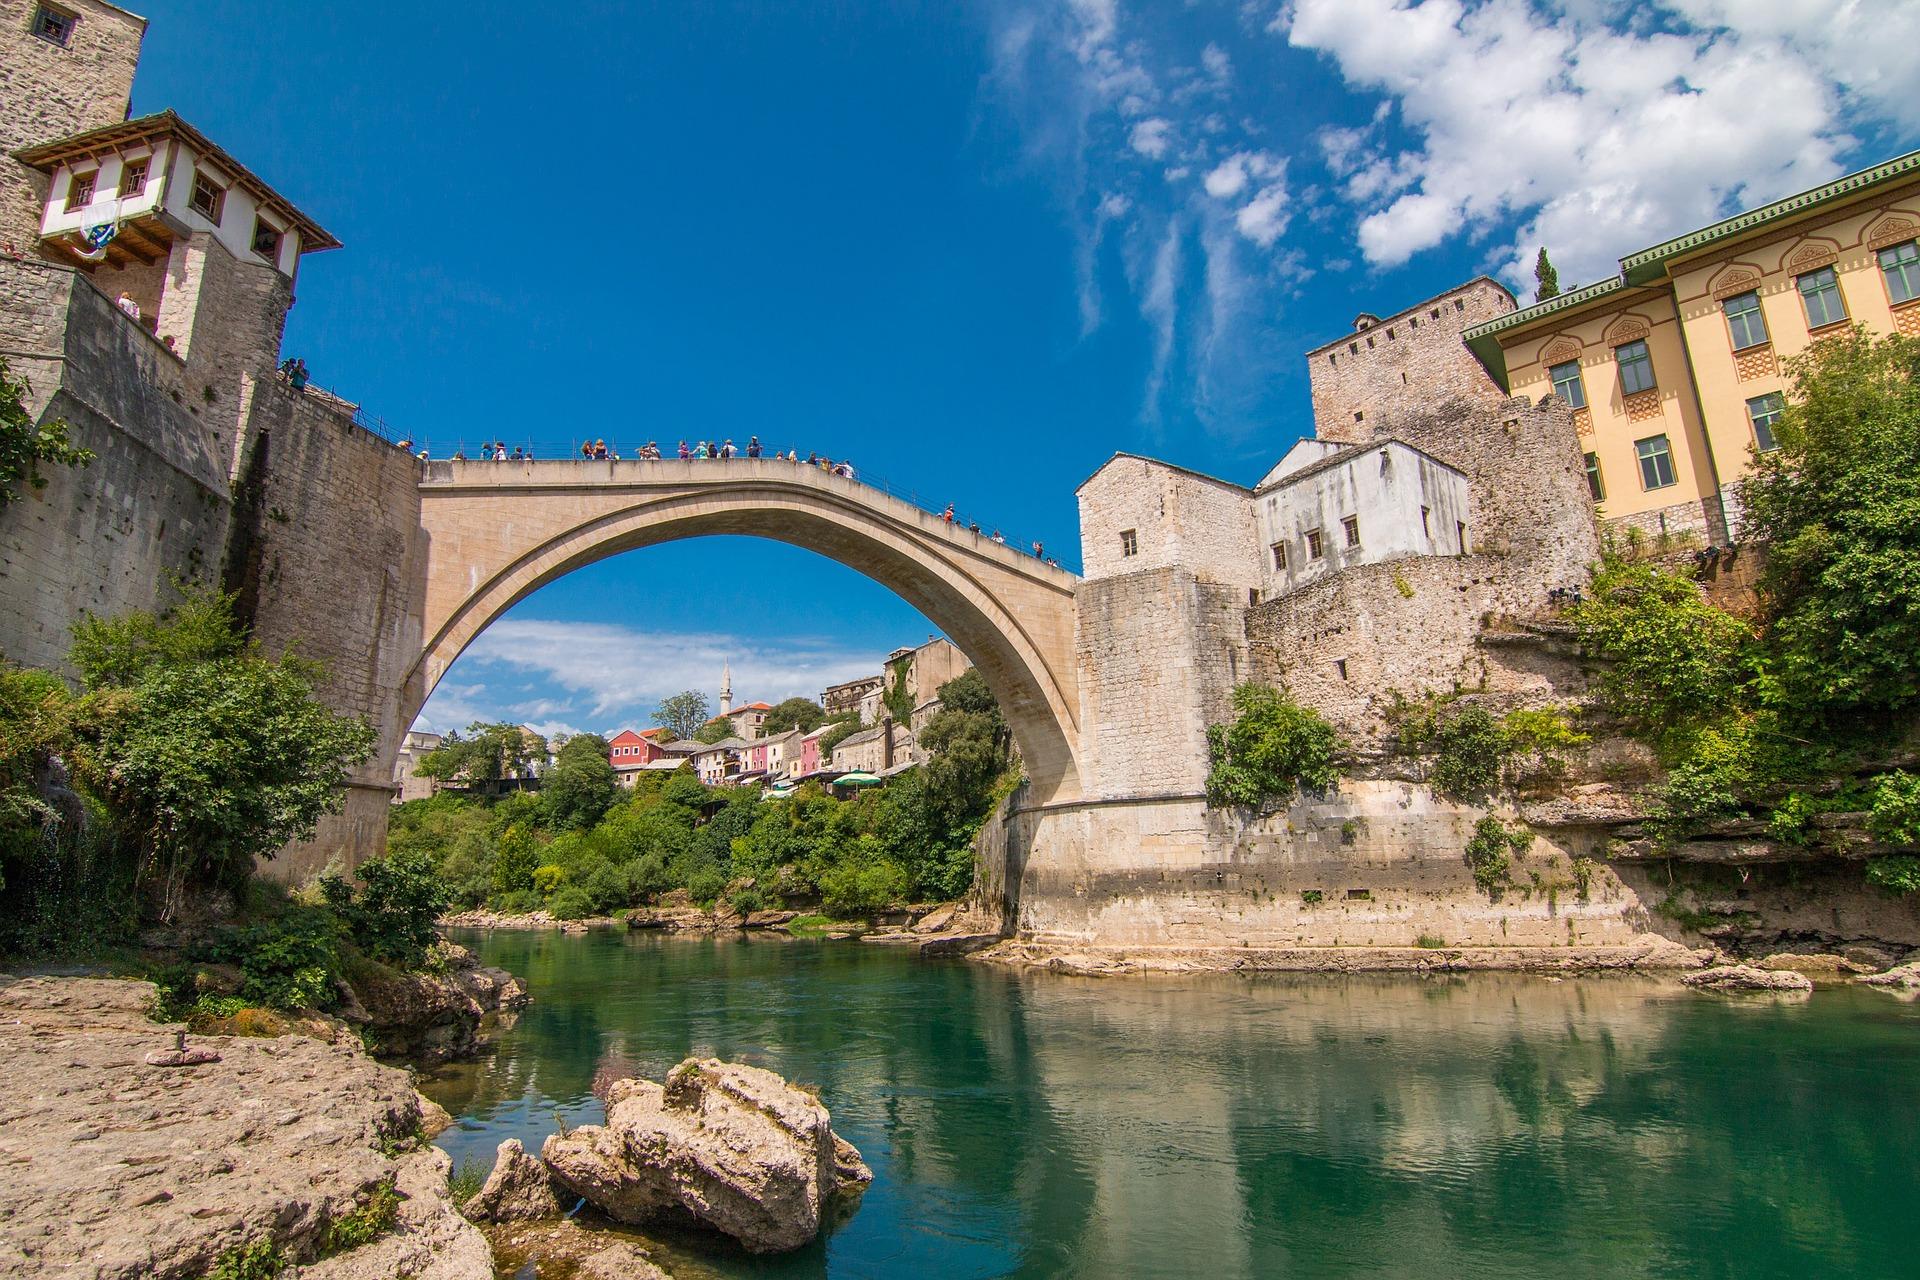 دليلك السياحي  الى البوسنة والهرسك